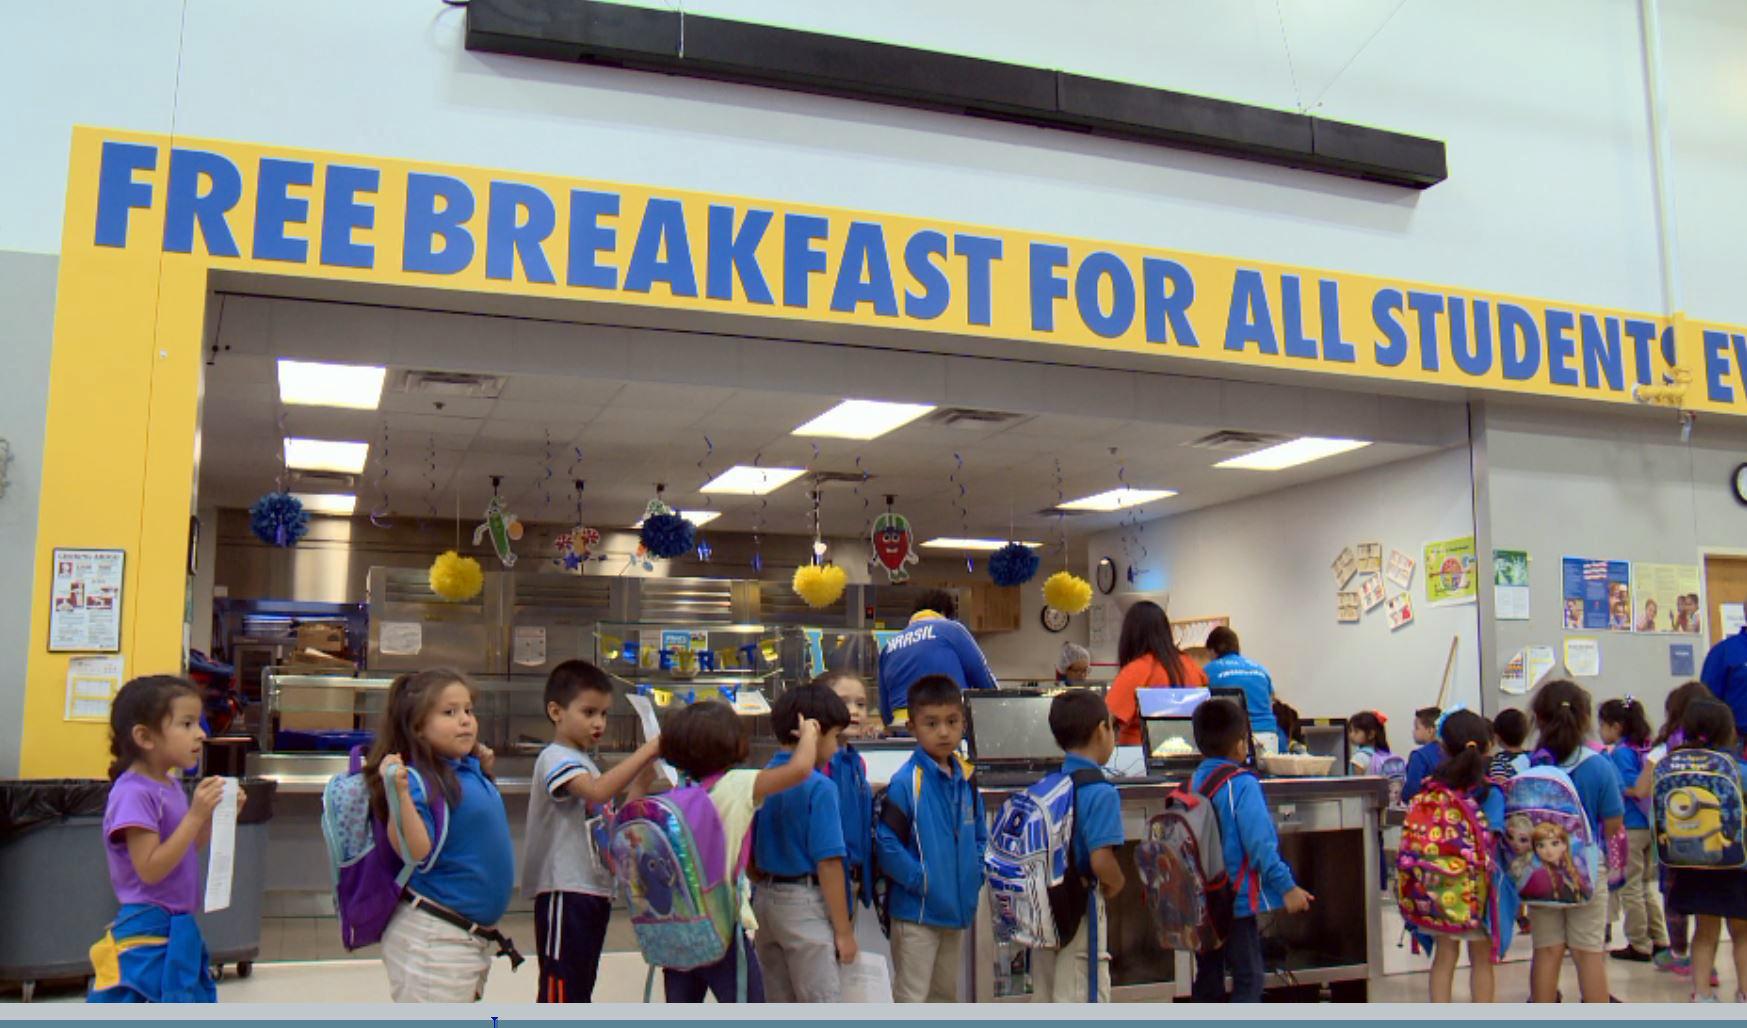 IDEA Allan free school lunches_483797